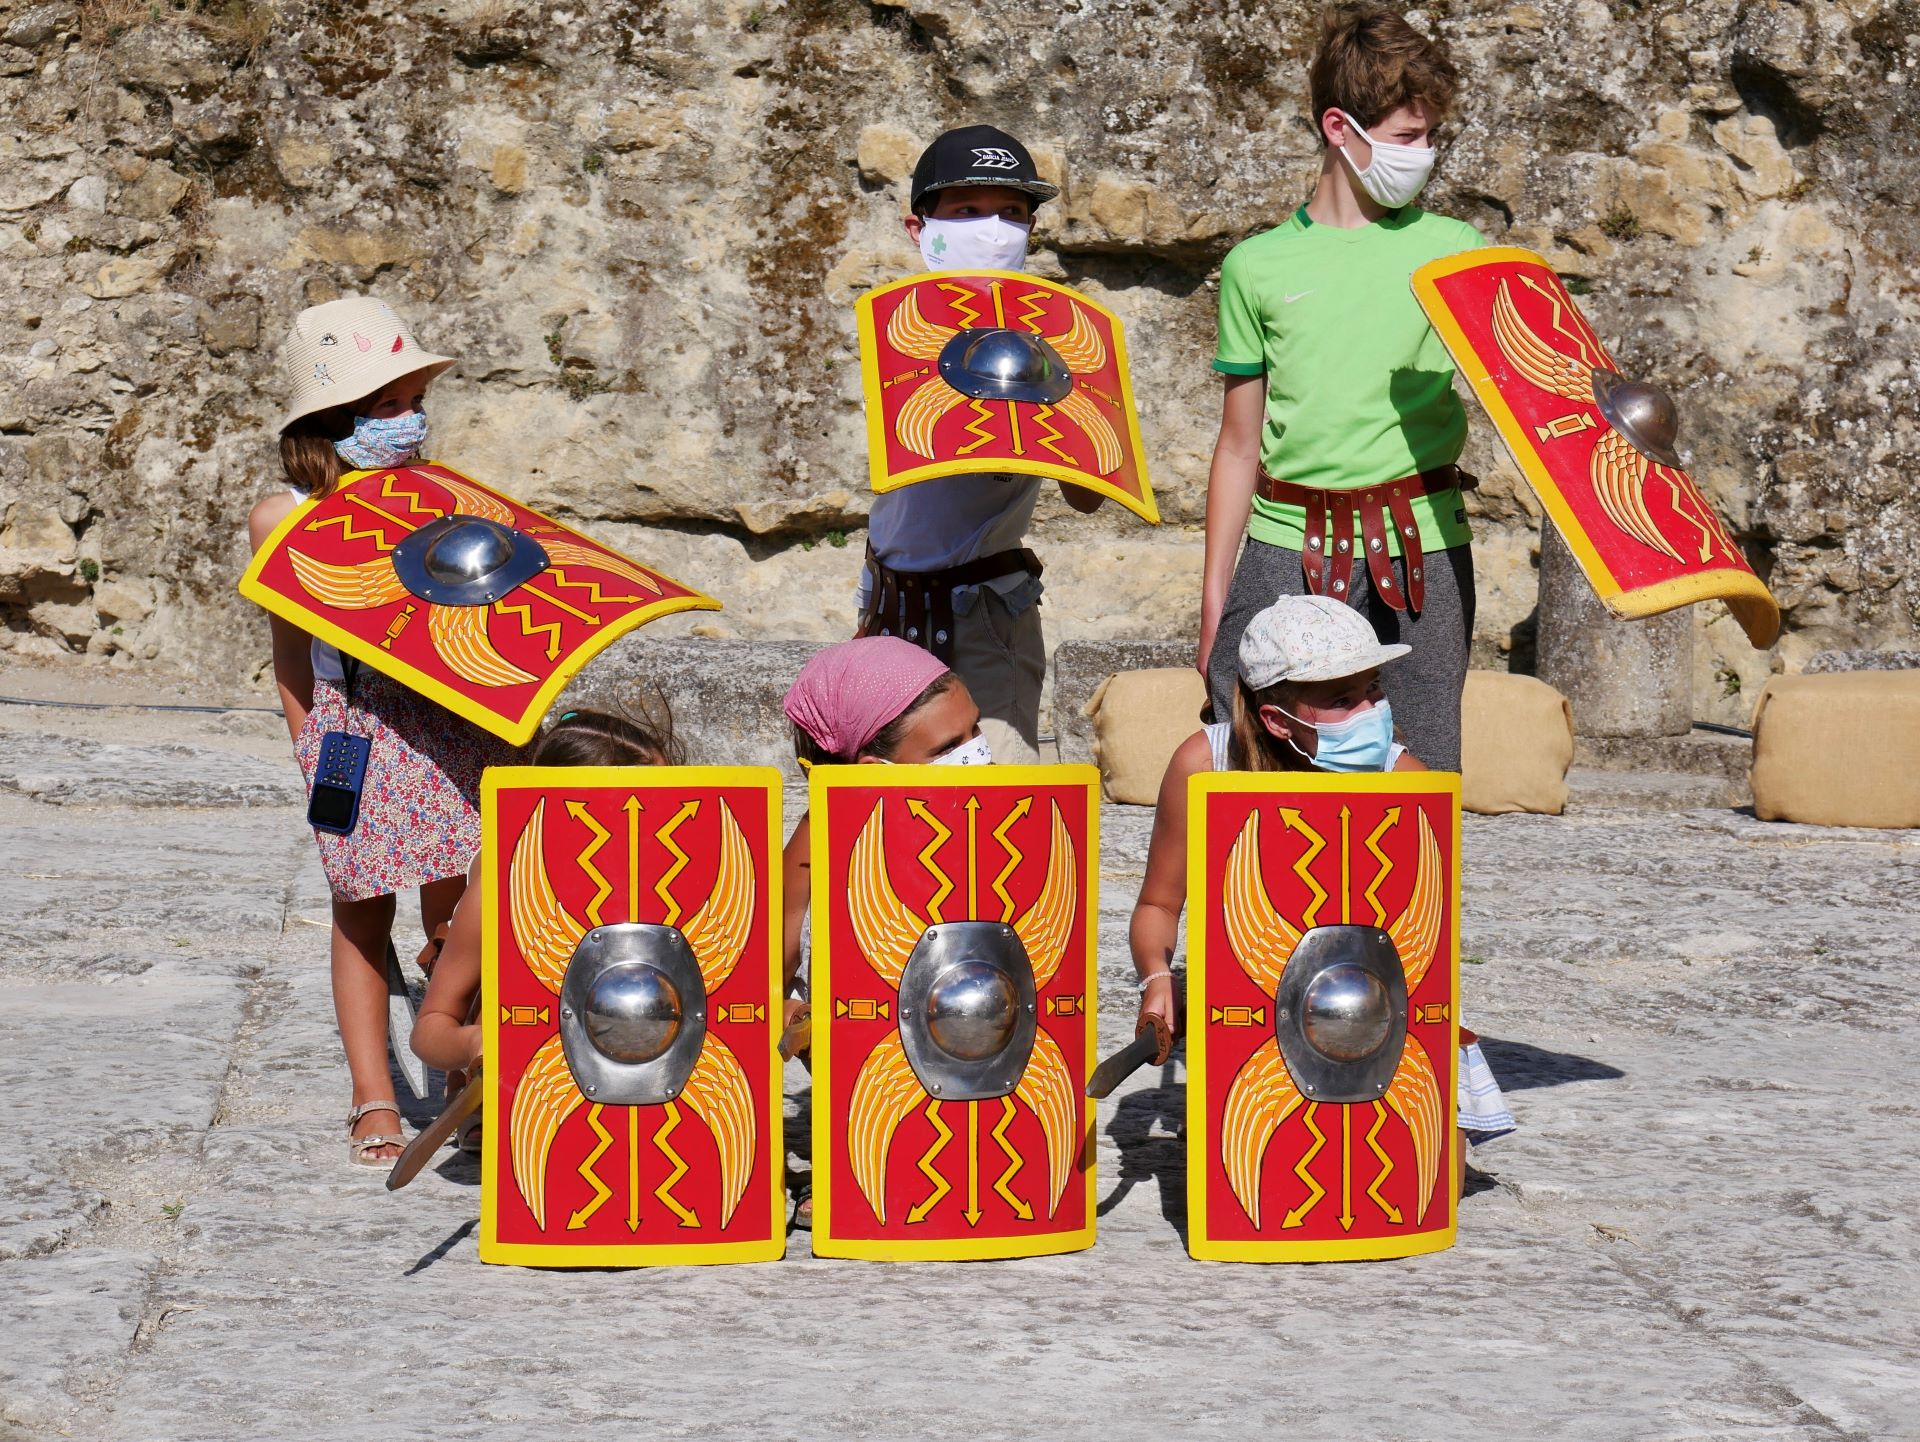 Les légionnaires du théâtre antique d'Orange